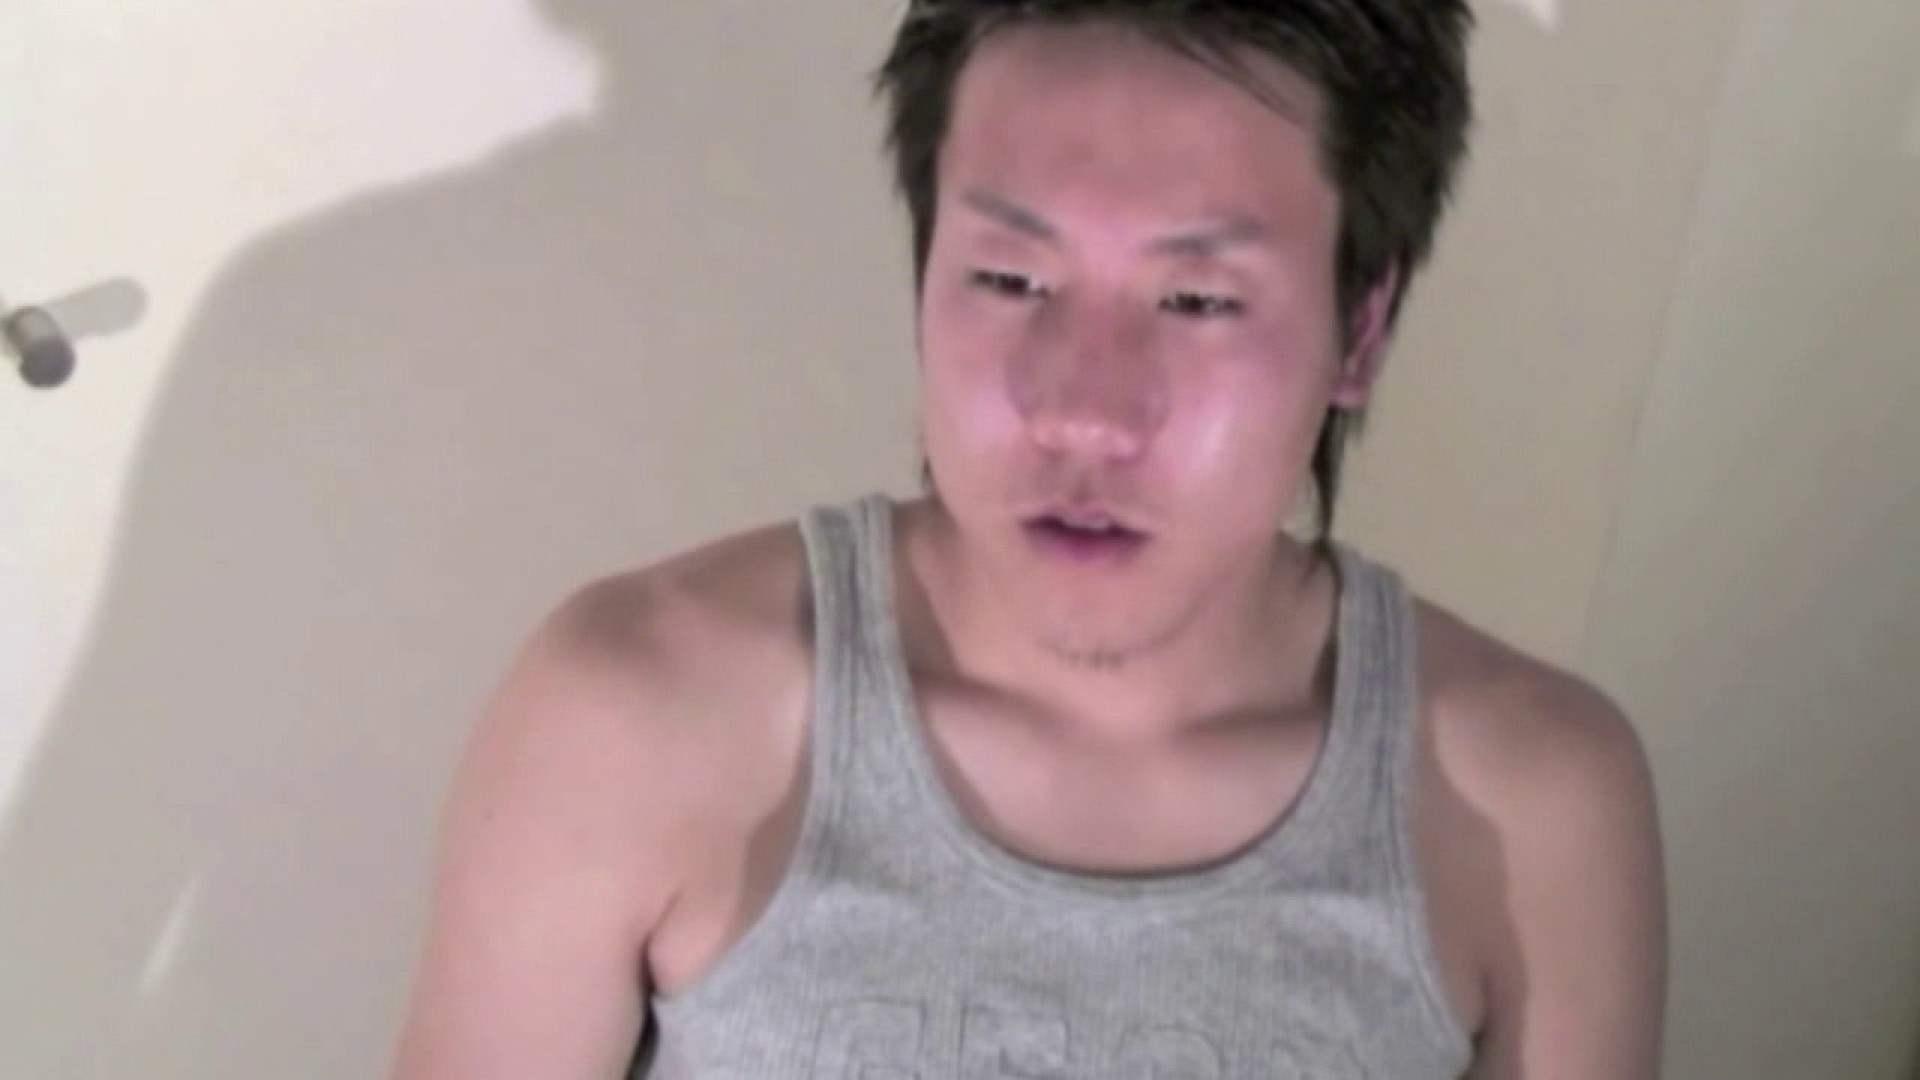 イケイケMENS CLUB【File.07】 オナニー アダルトビデオ画像キャプチャ 112枚 7